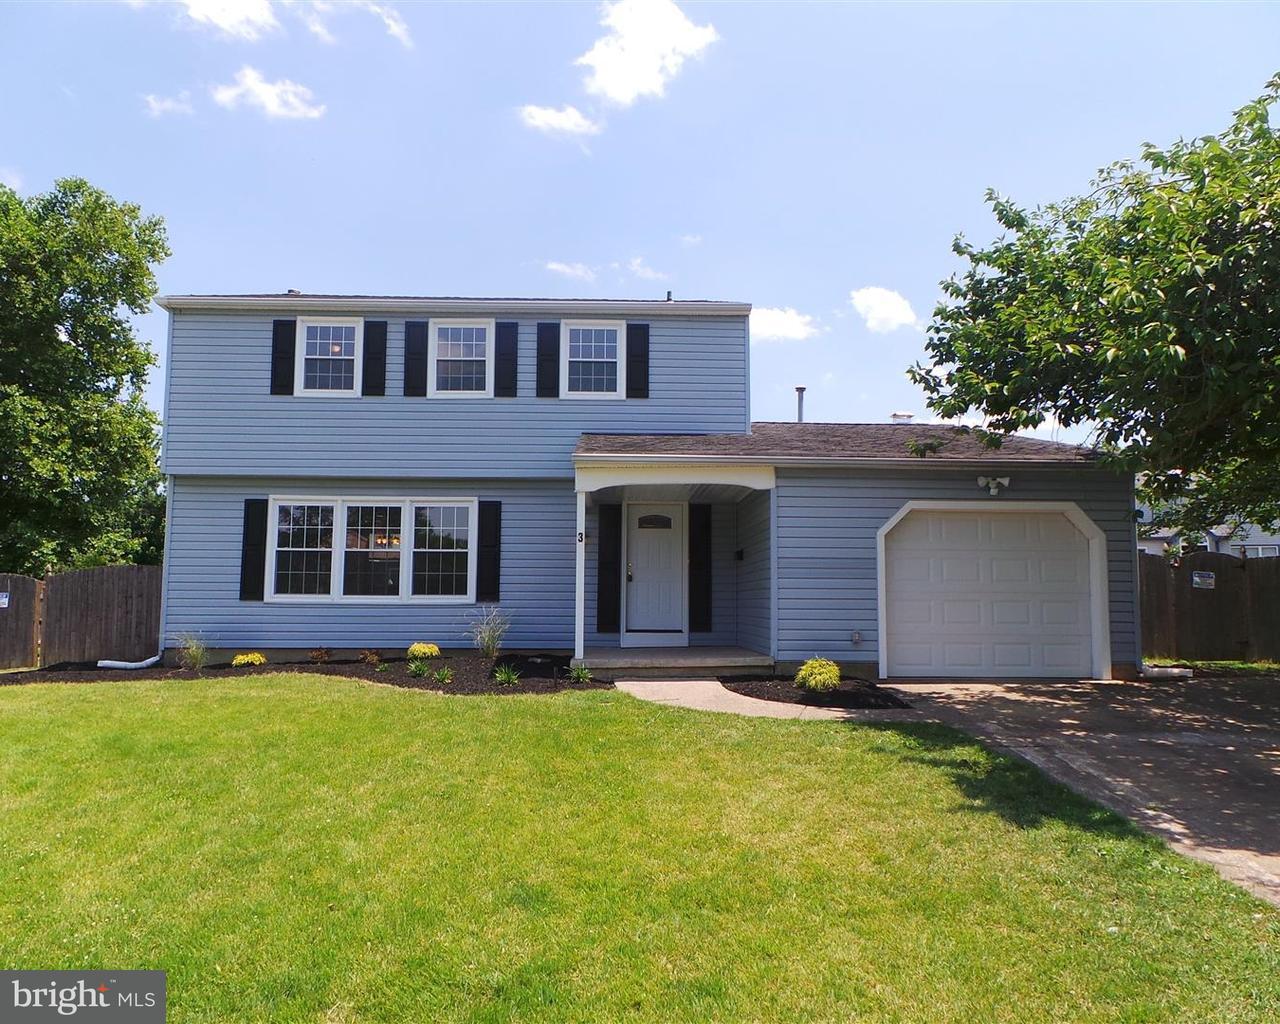 独户住宅 为 销售 在 3 HAMPTON Road Clementon, 新泽西州 08021 美国